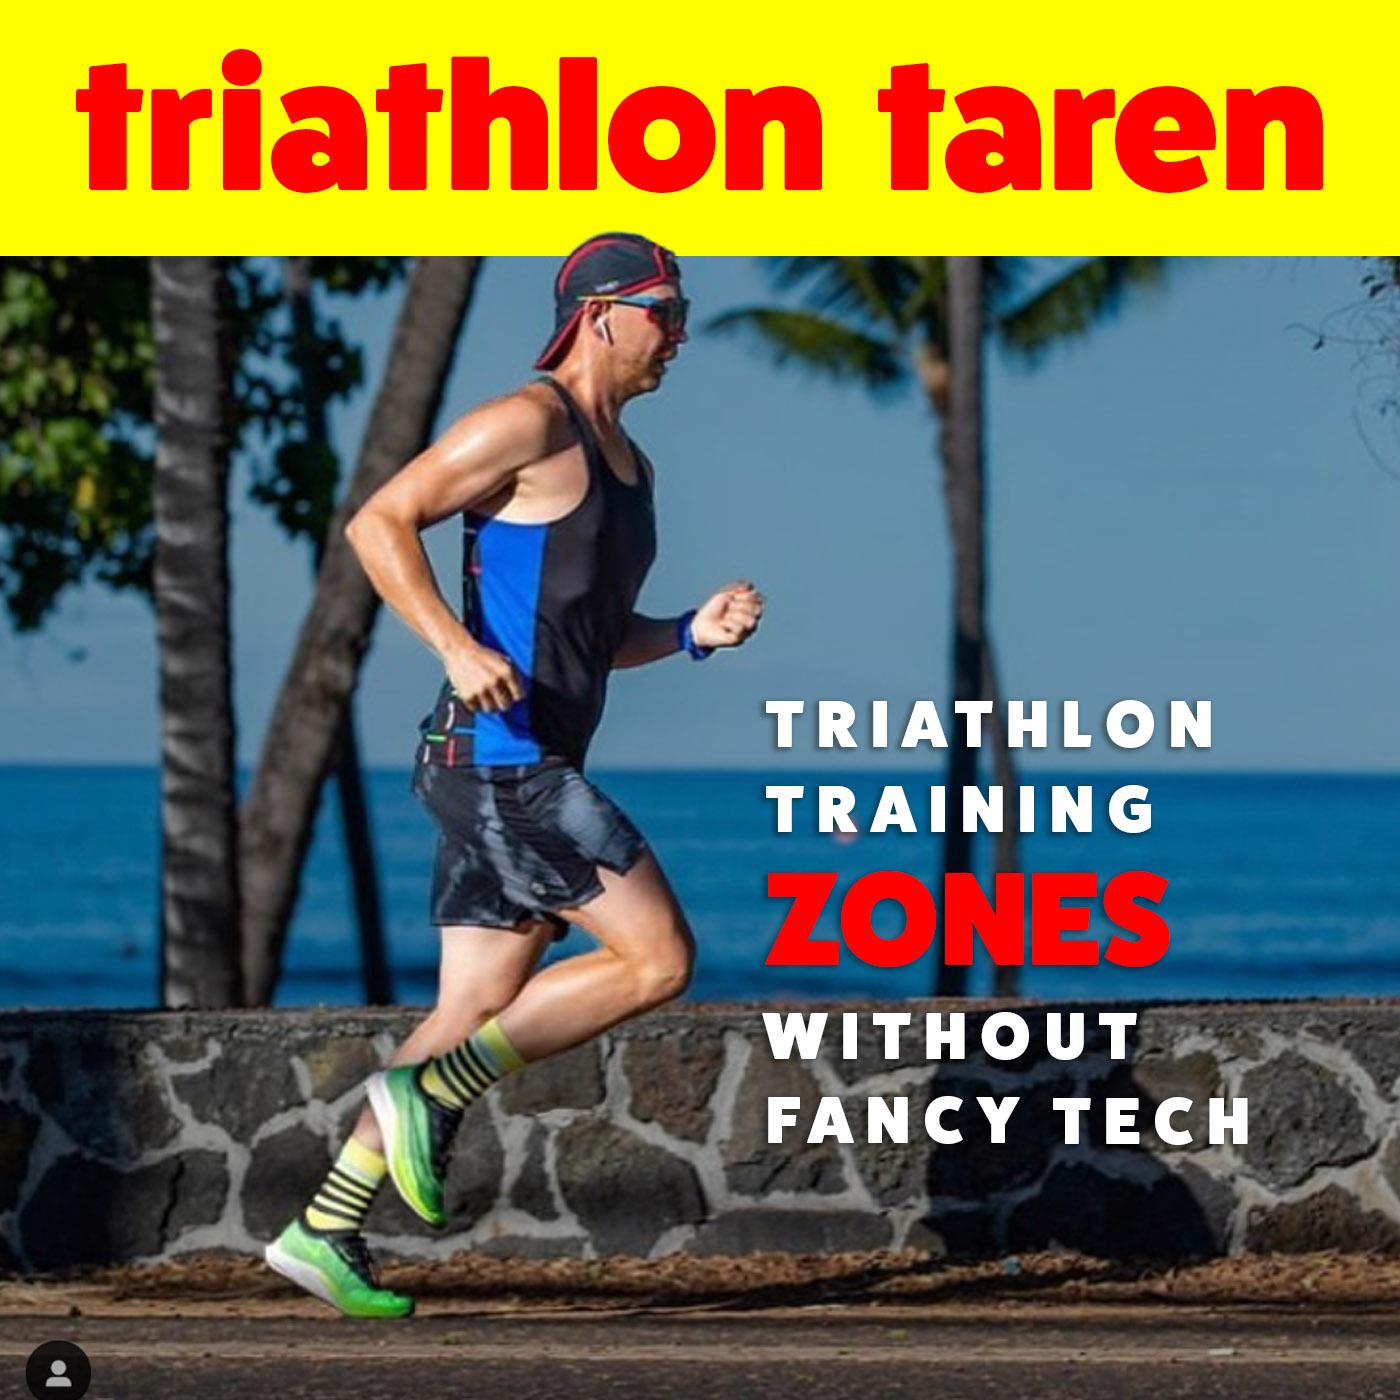 triathlon taren podcast keto diet sports scientist